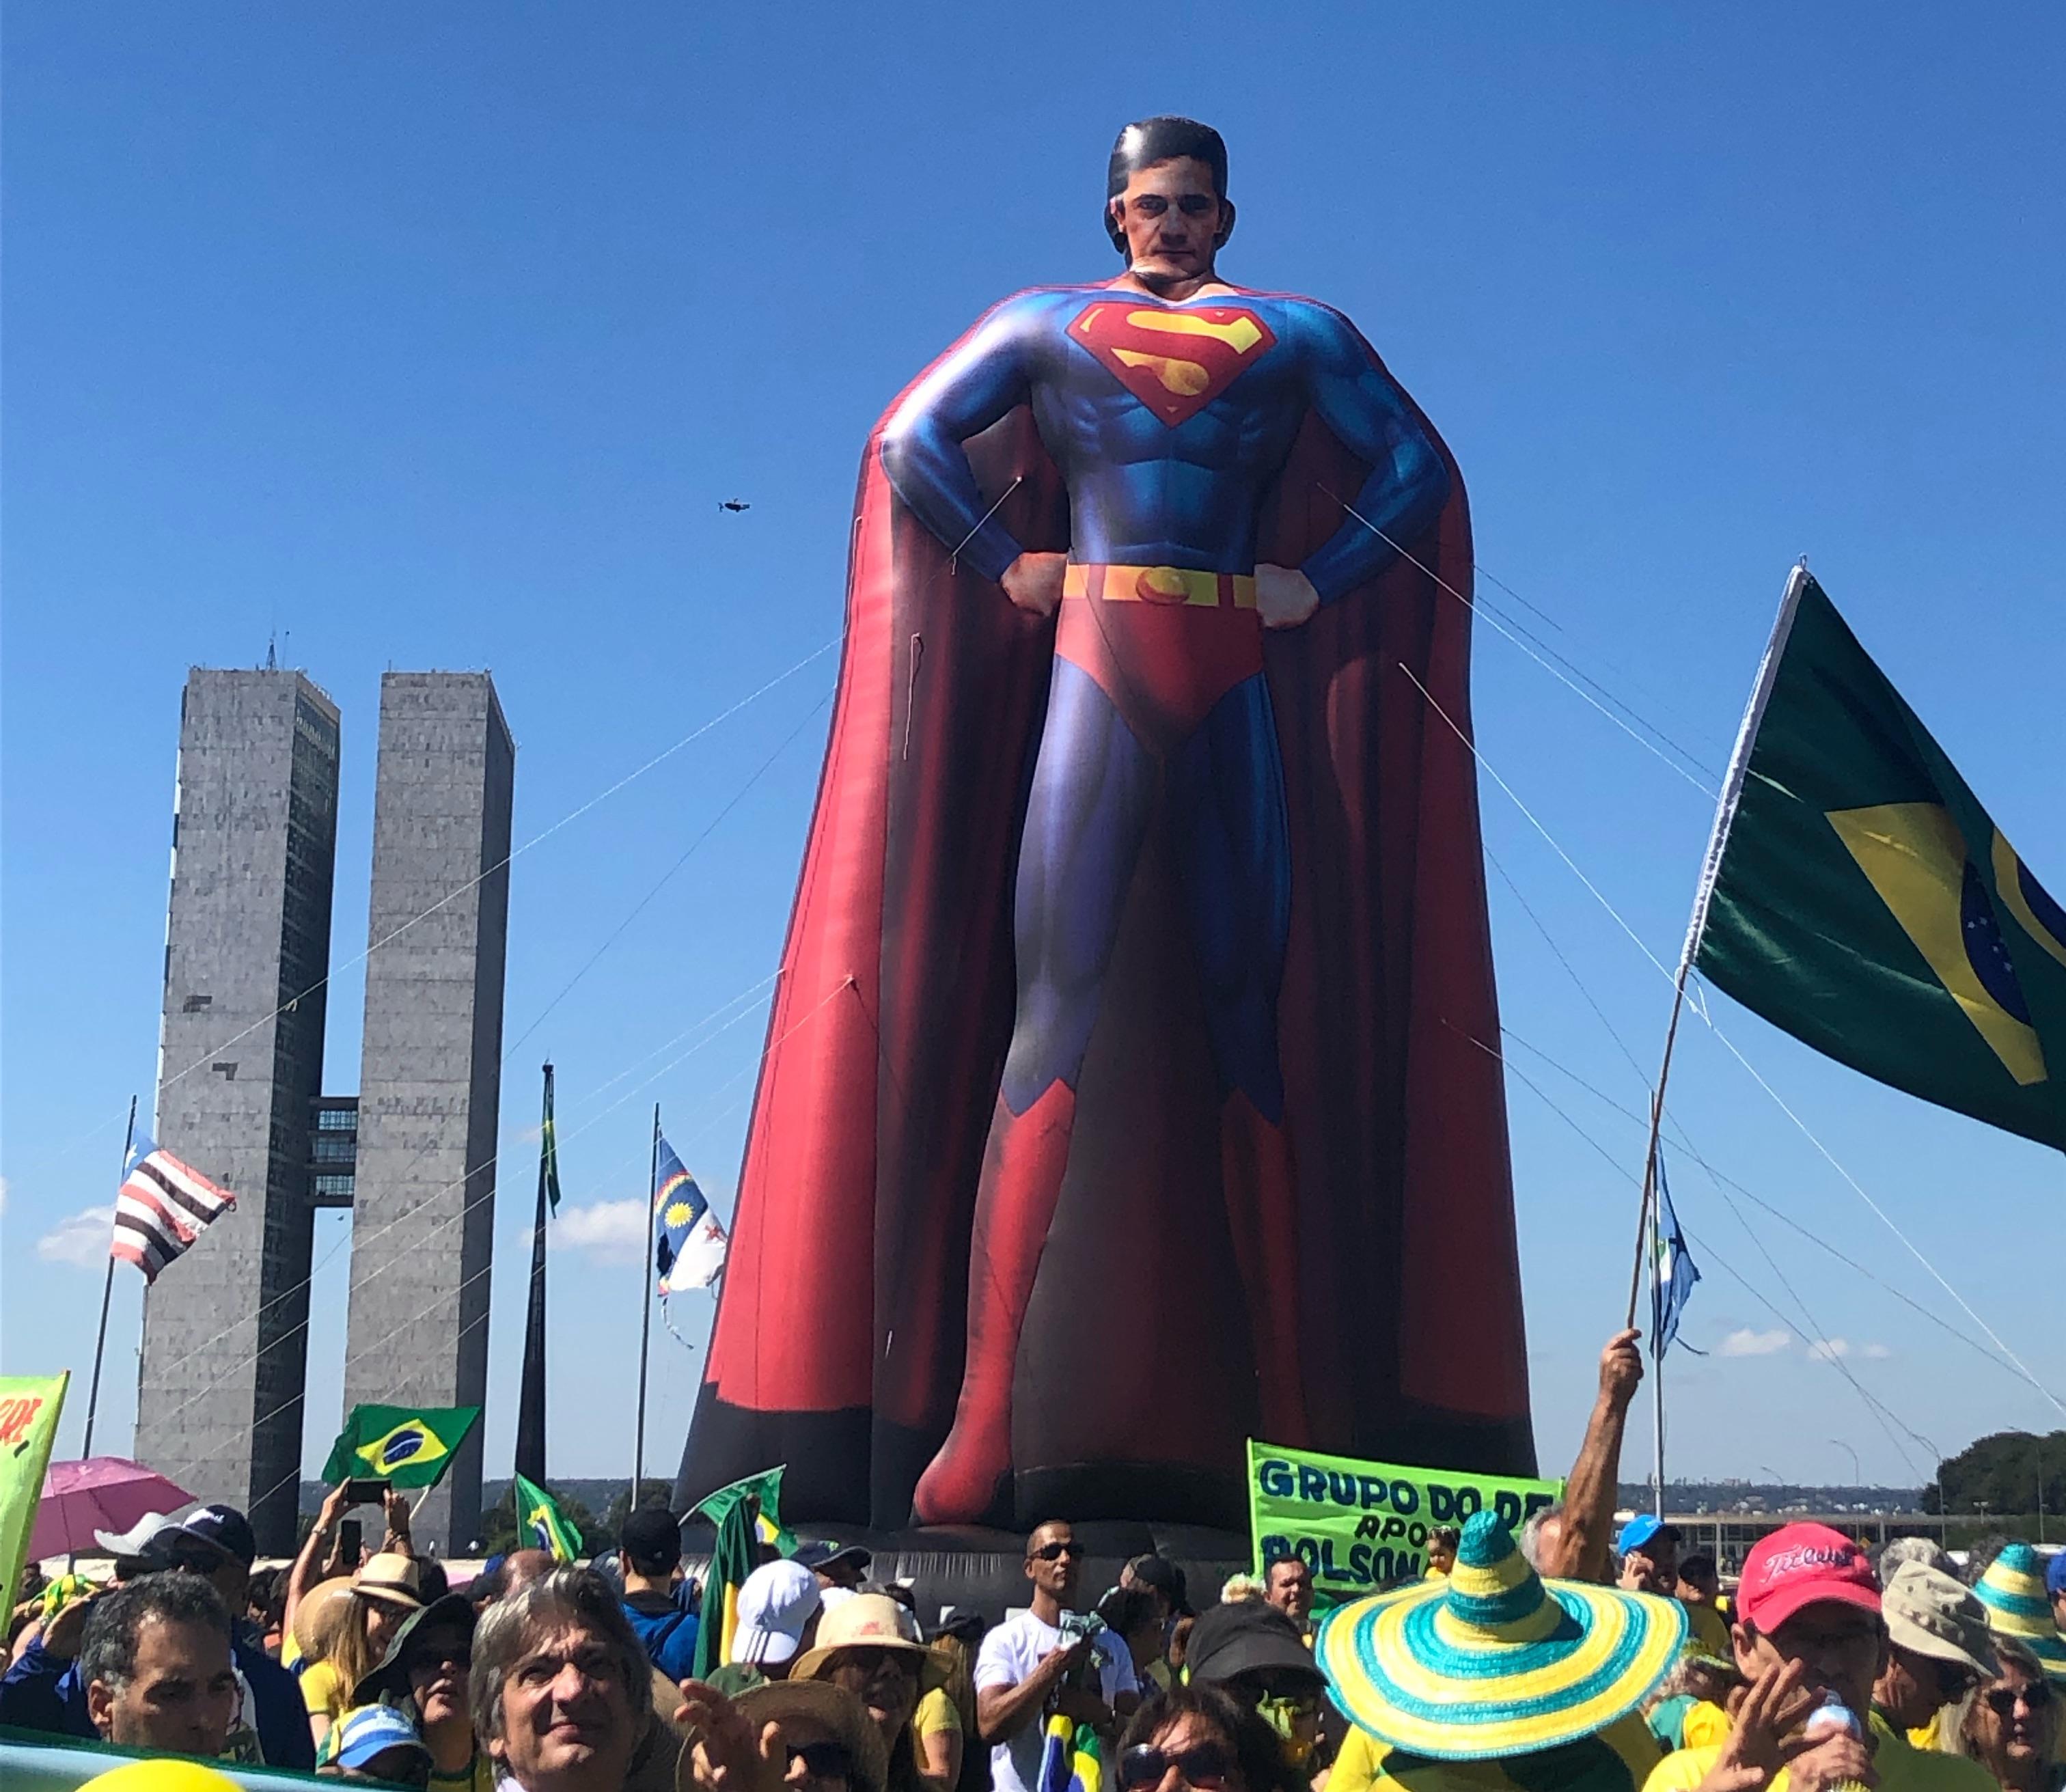 O resultado dos protestos do dia 26, veja a reação dos políticos